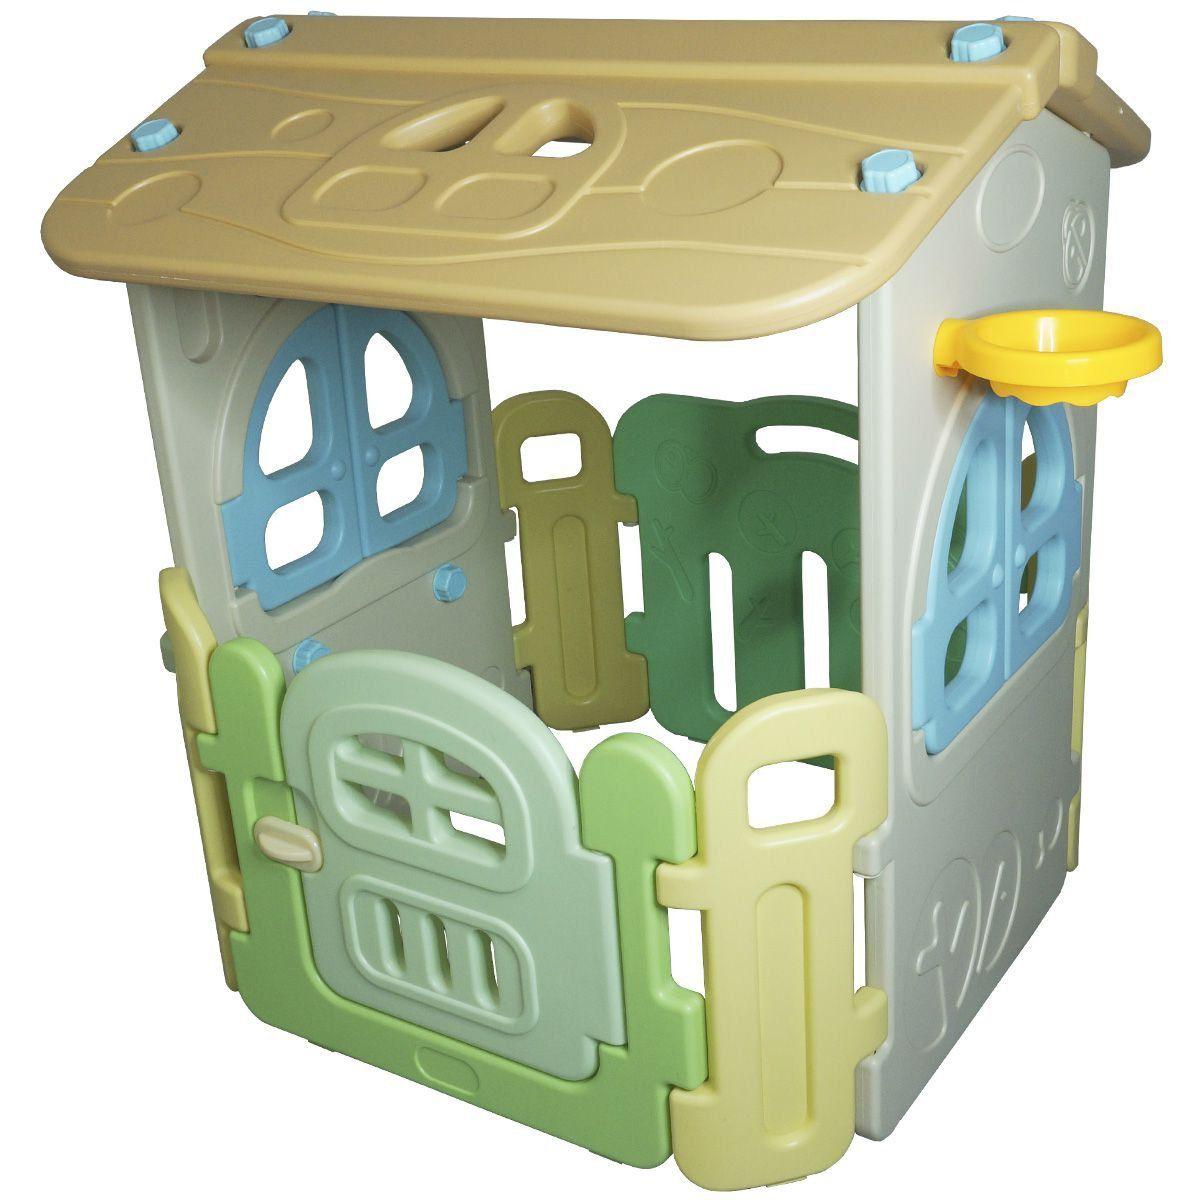 Casinha Infantil Plástico Playground Brinquedo Criança com Cesta Basquete Importado